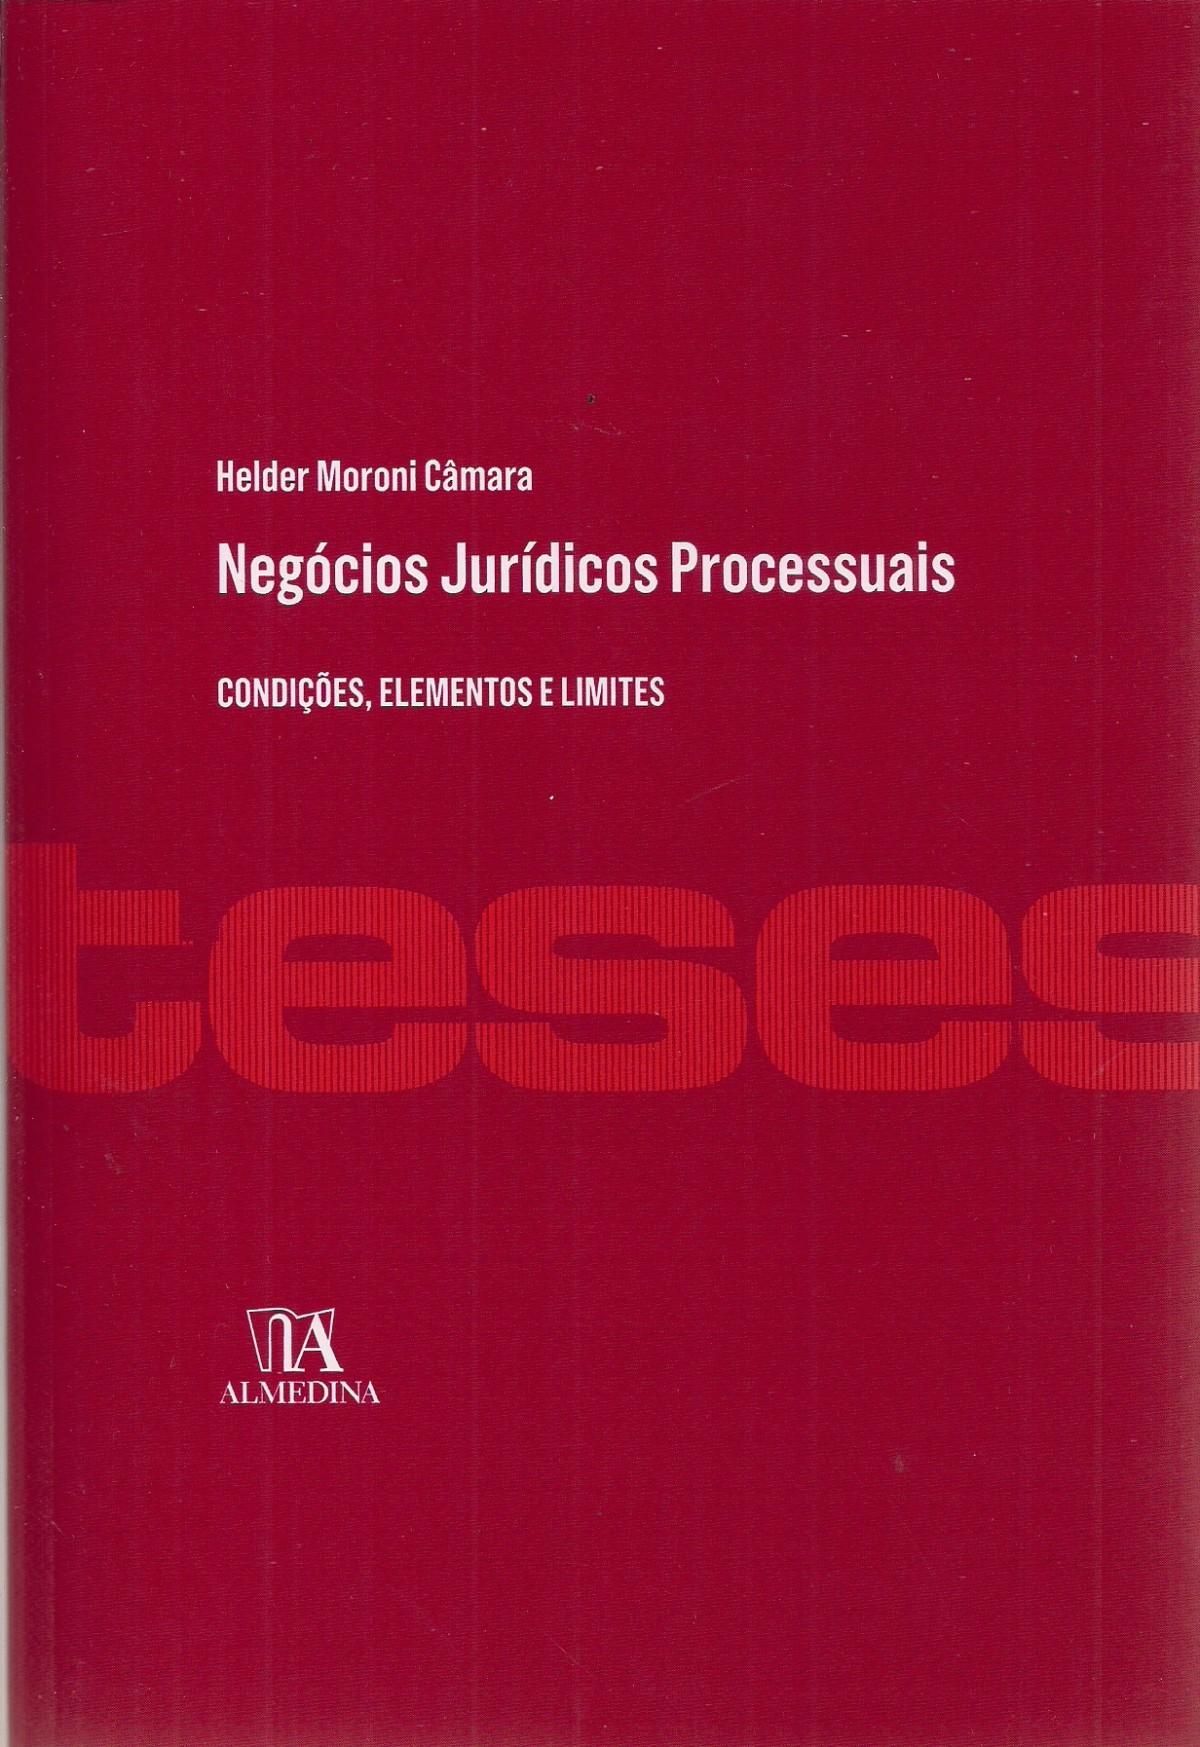 Foto 1 - Negócios Jurídicos Processuais